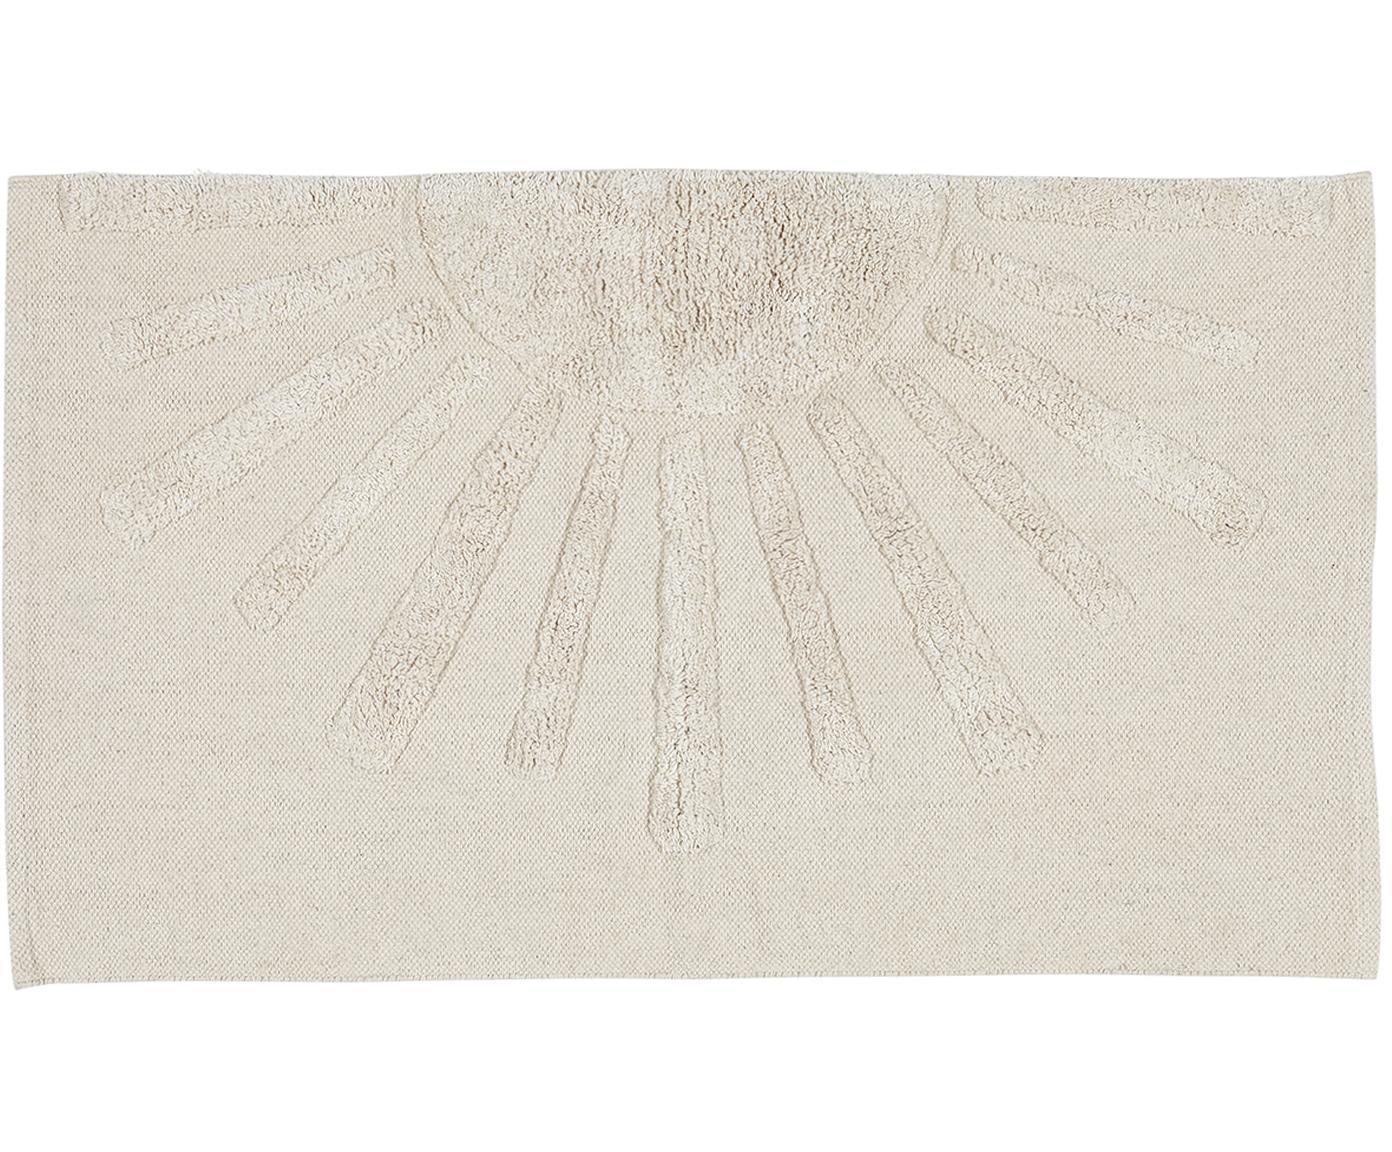 Tappeto bagno in cotone bio con motivo a rilievo Sun, Cotone biologico Non antiscivolo, Grigio pietra, Larg. 60 x Lung. 90 cm